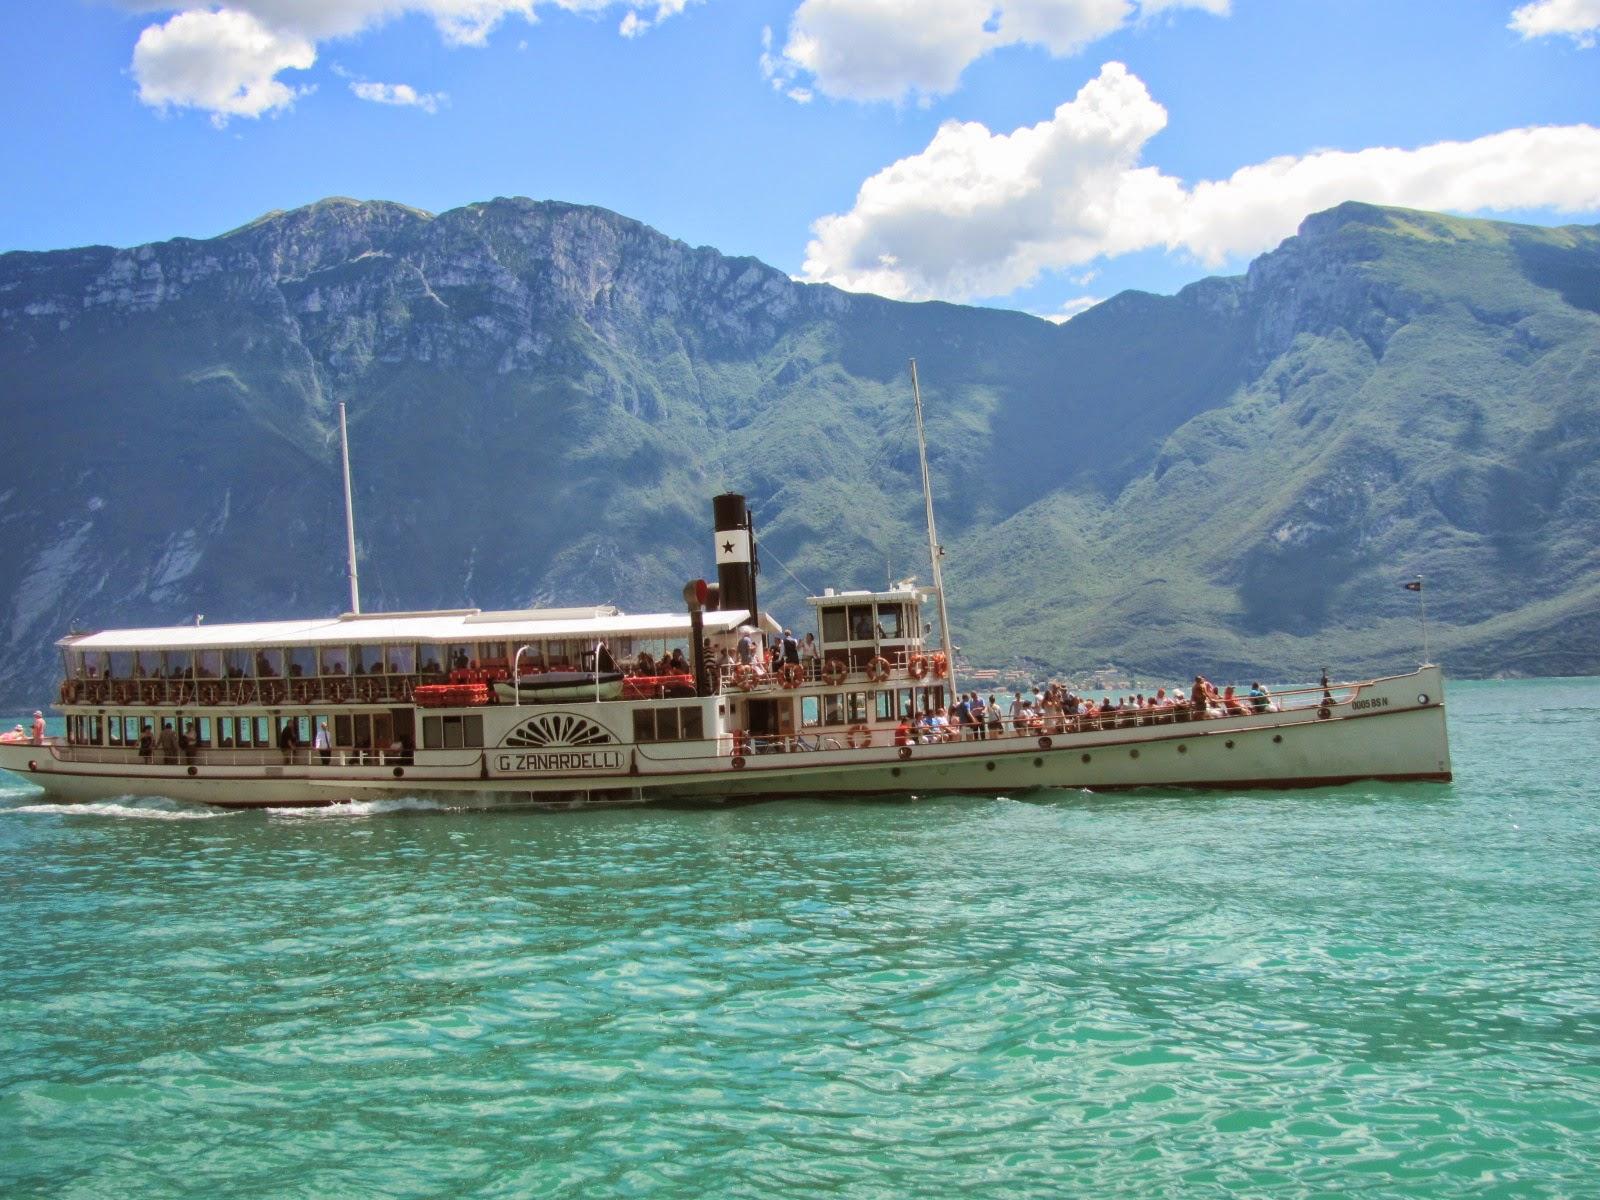 Turismo y noticias del mundo lago di garda italia un for Grosso pesce di lago